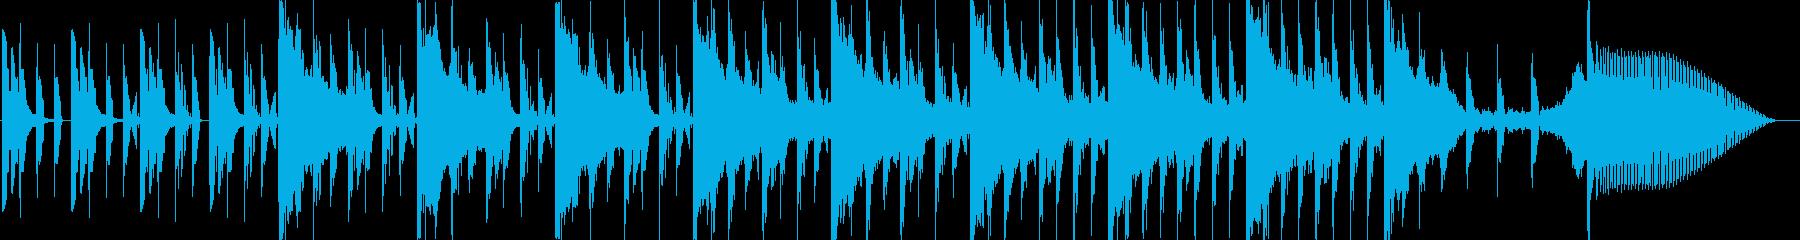 人工世界の閉塞感や虚無虚構感の再生済みの波形